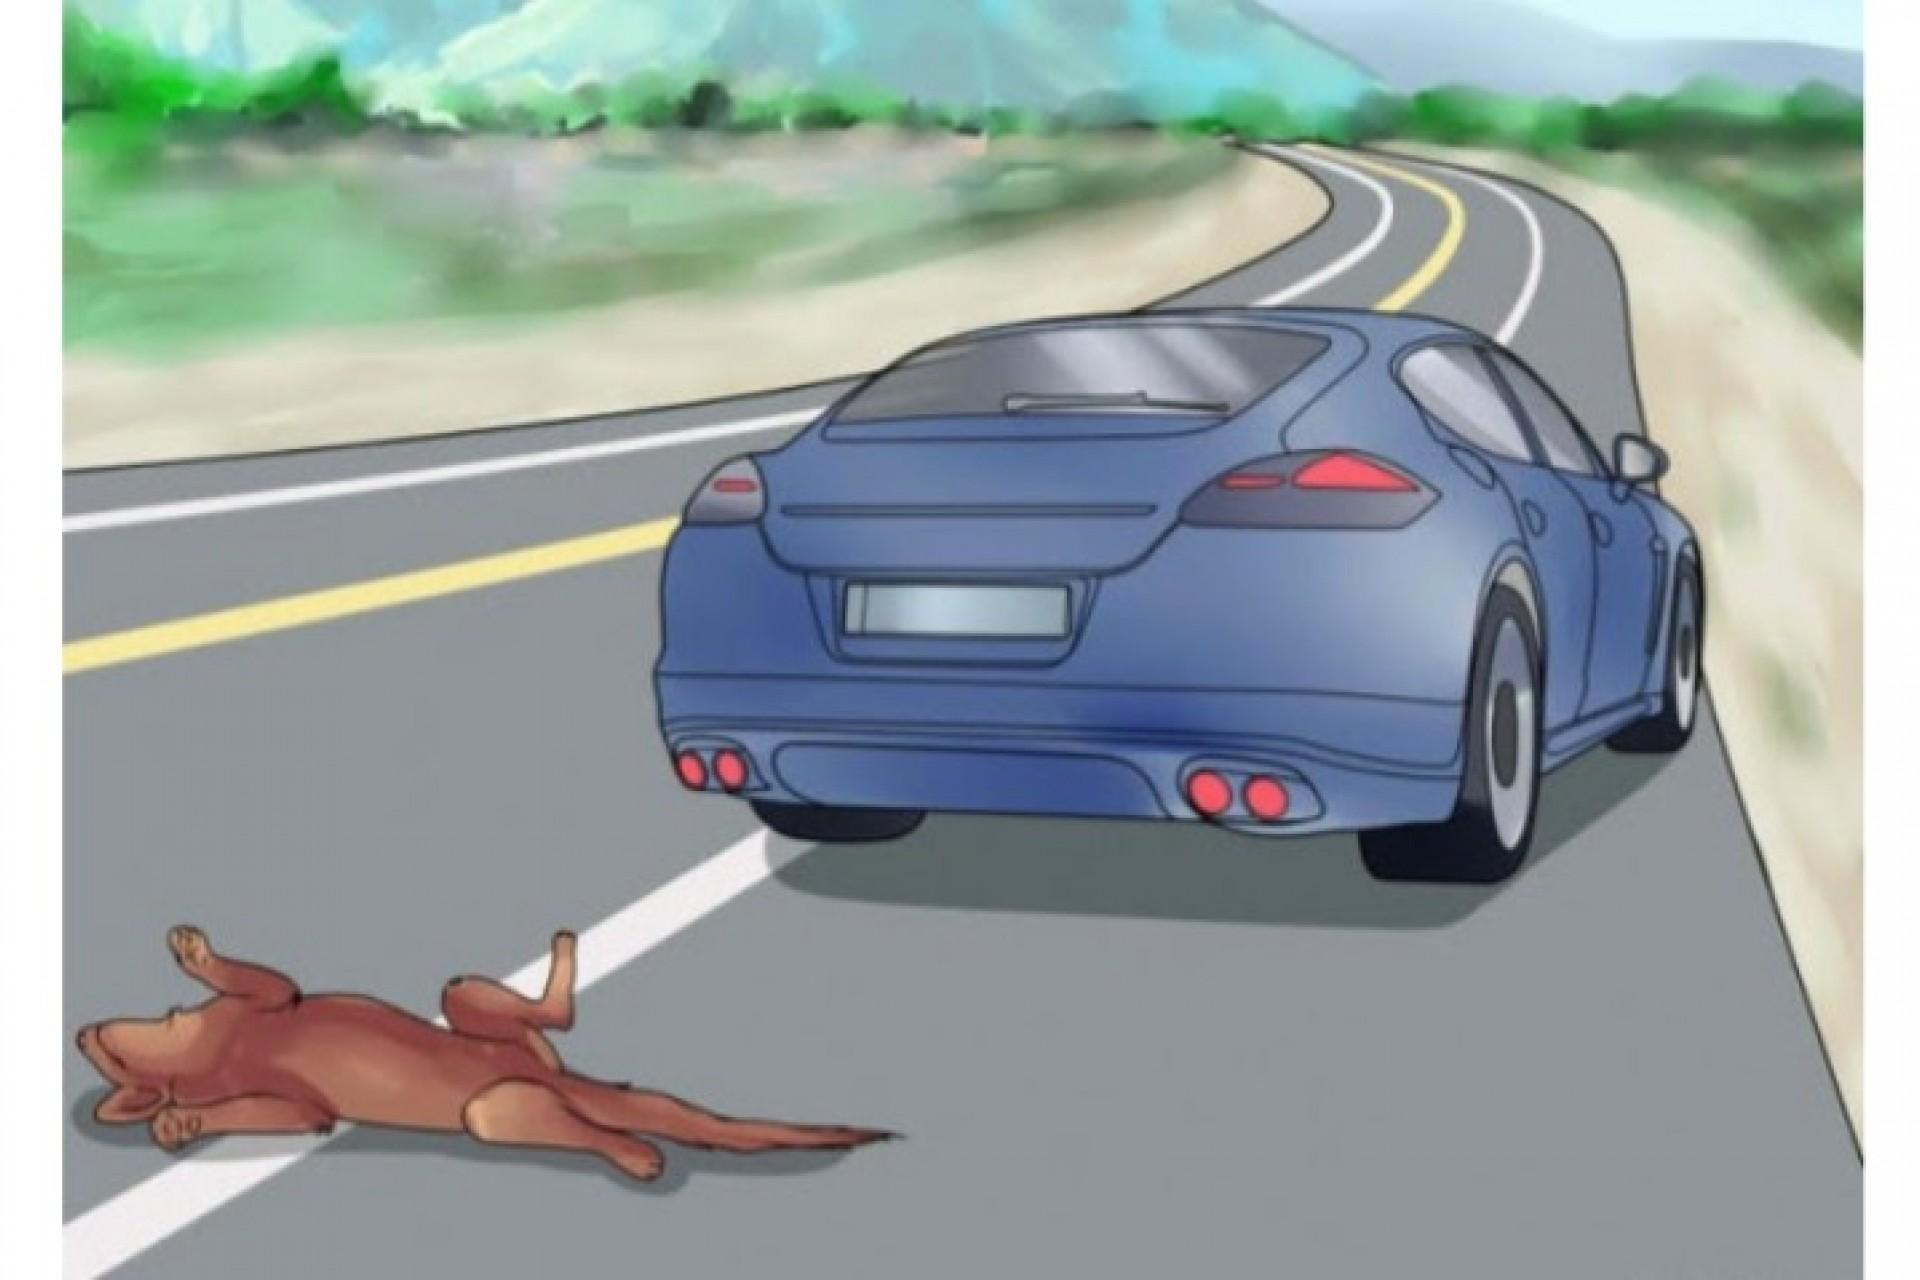 Motoristas deverão prestar socorro a animais atropelados no Paraná